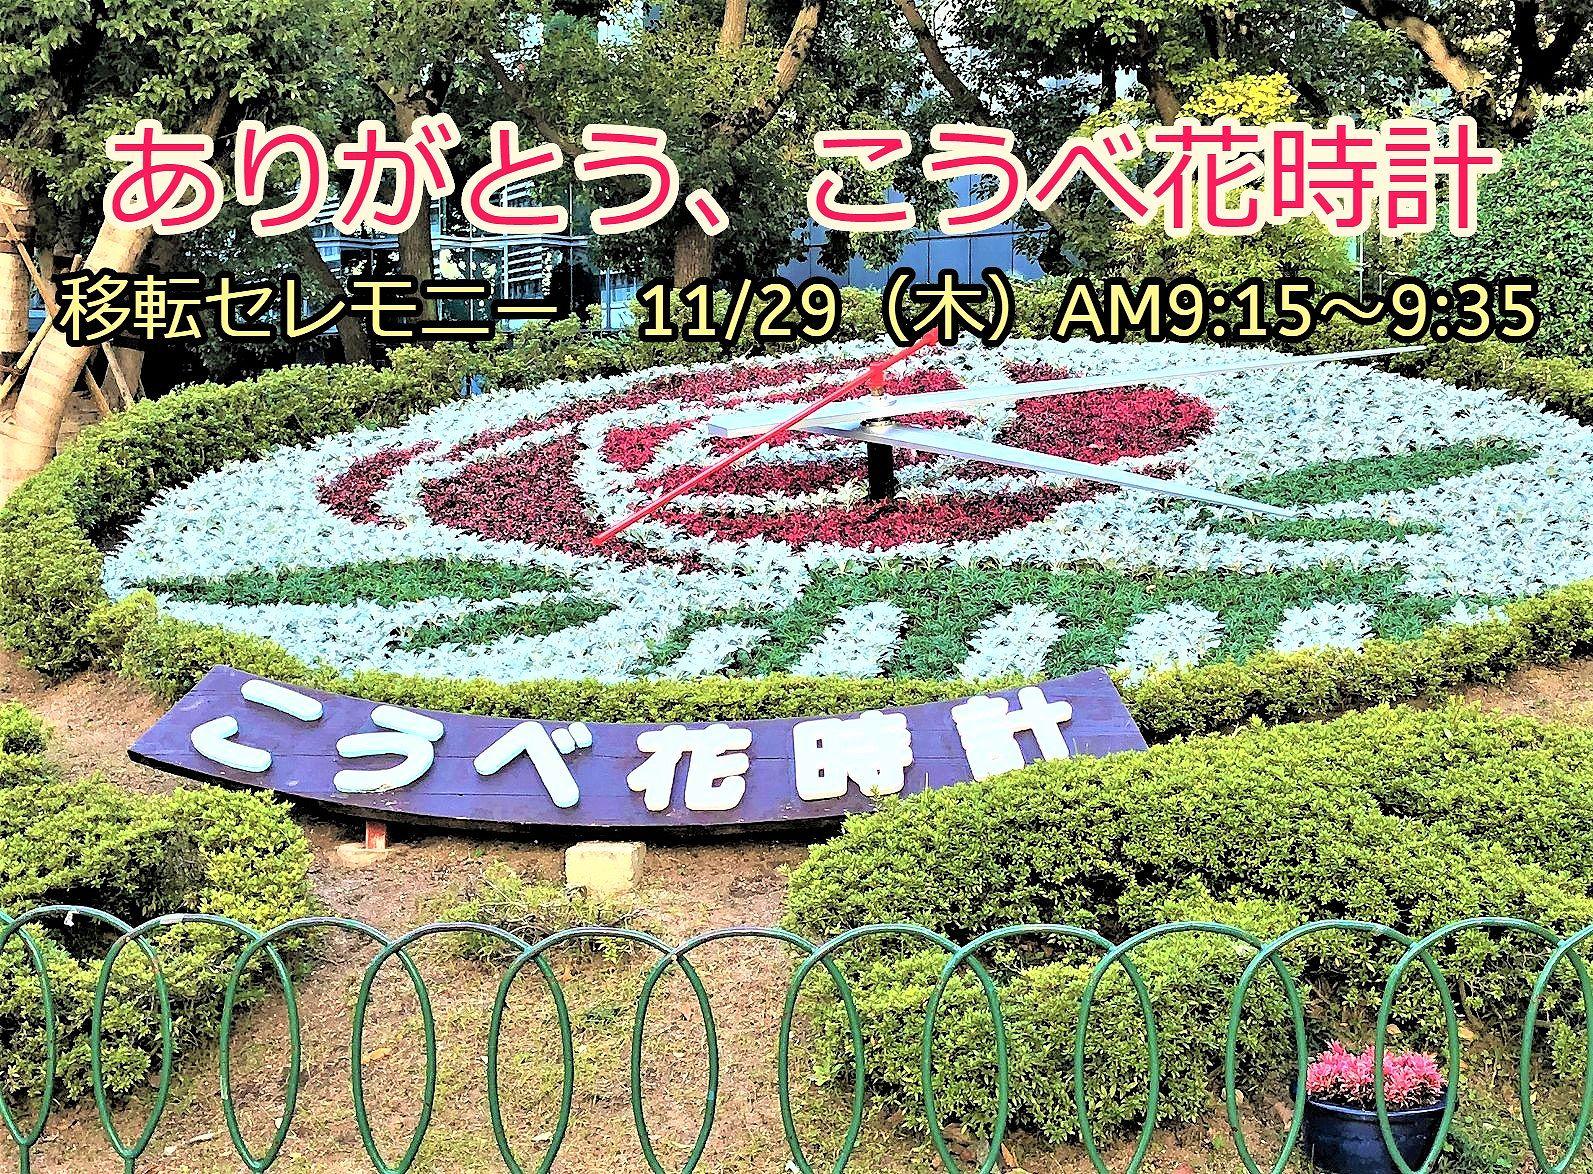 ありがとう、こうべ花時計「移転セレモニー」の開催 11月29日(木) #こうべ花時計 #神戸観光 #神戸市 #花時計移転